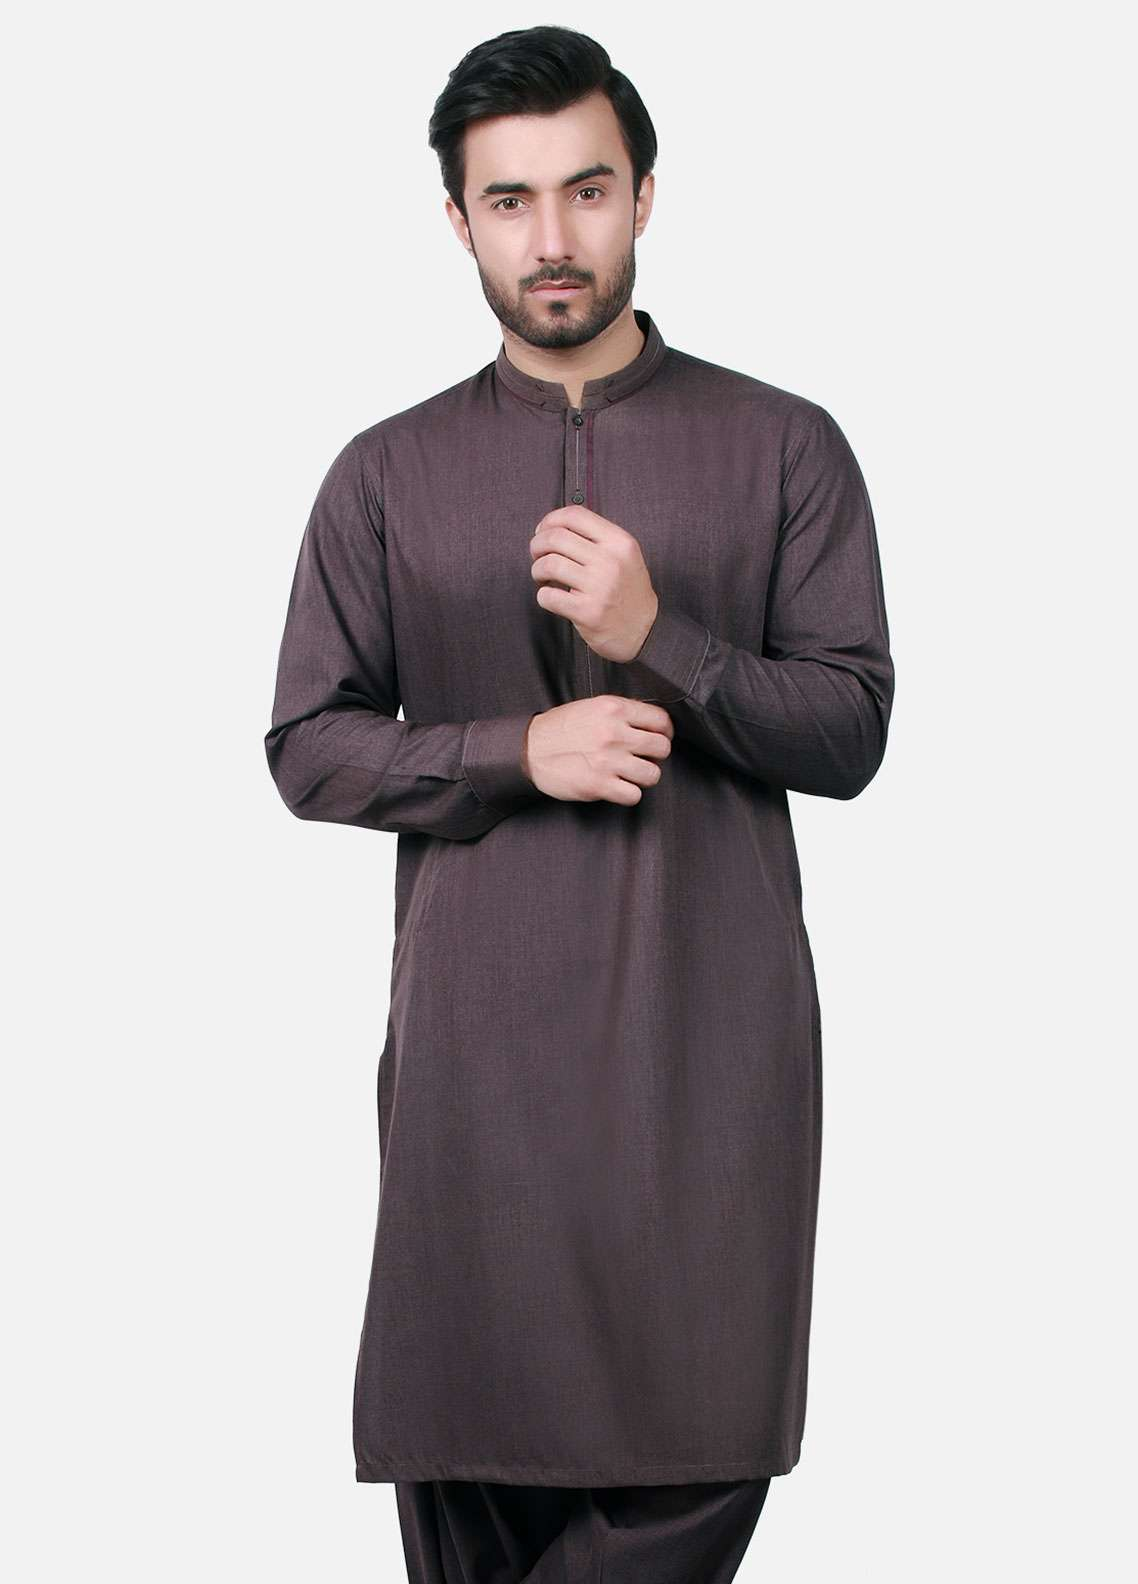 Edenrobe Cotton Formal Kameez Shalwar for Men - Burgundy EMTKS-40685